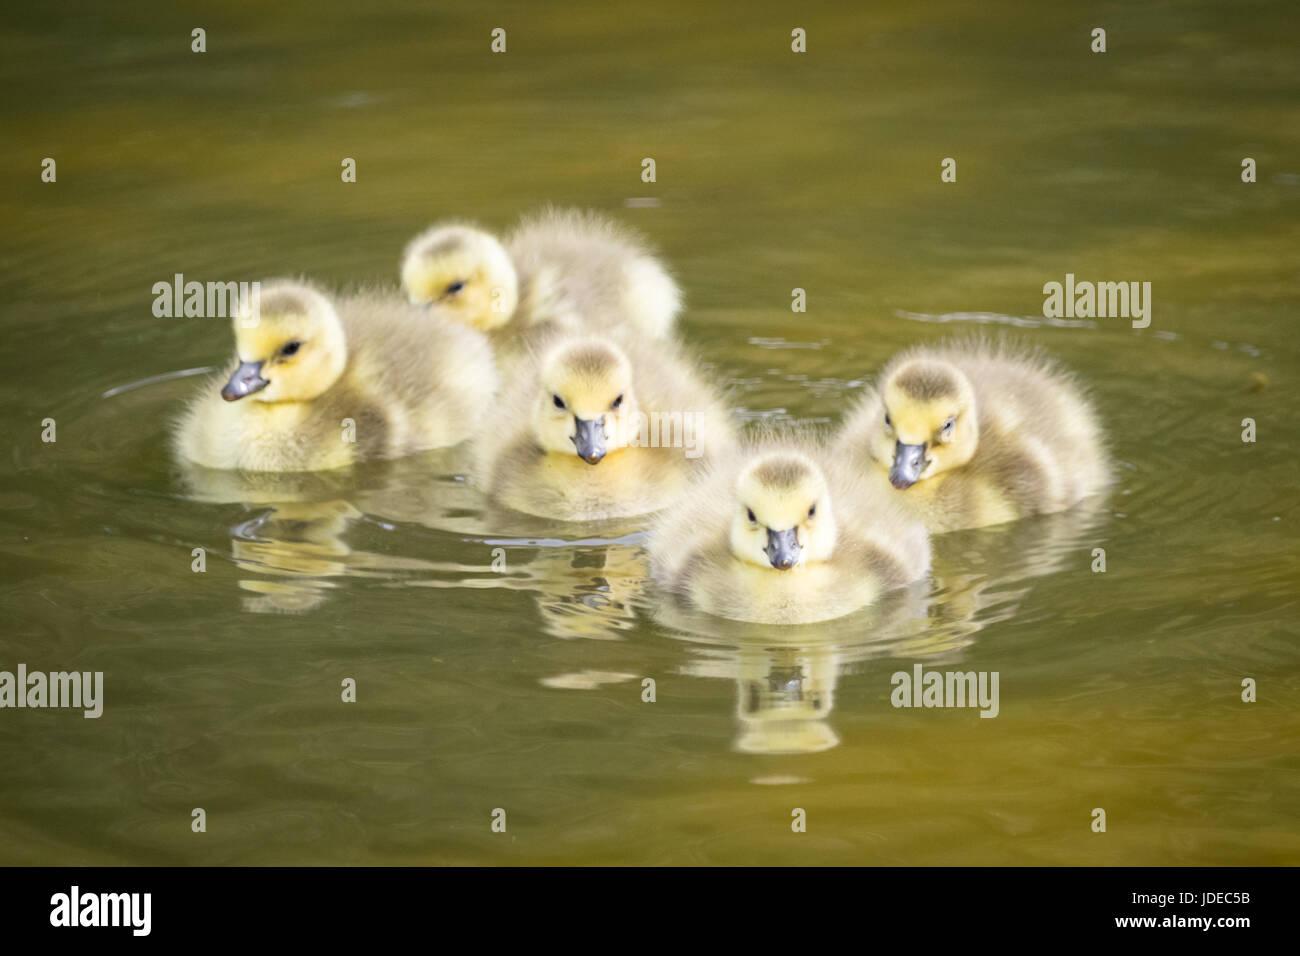 Cinco días de edad neonatal goslings, ganso de Canadá (Branta canadensis) nadando en un estanque. Edmonton, Imagen De Stock